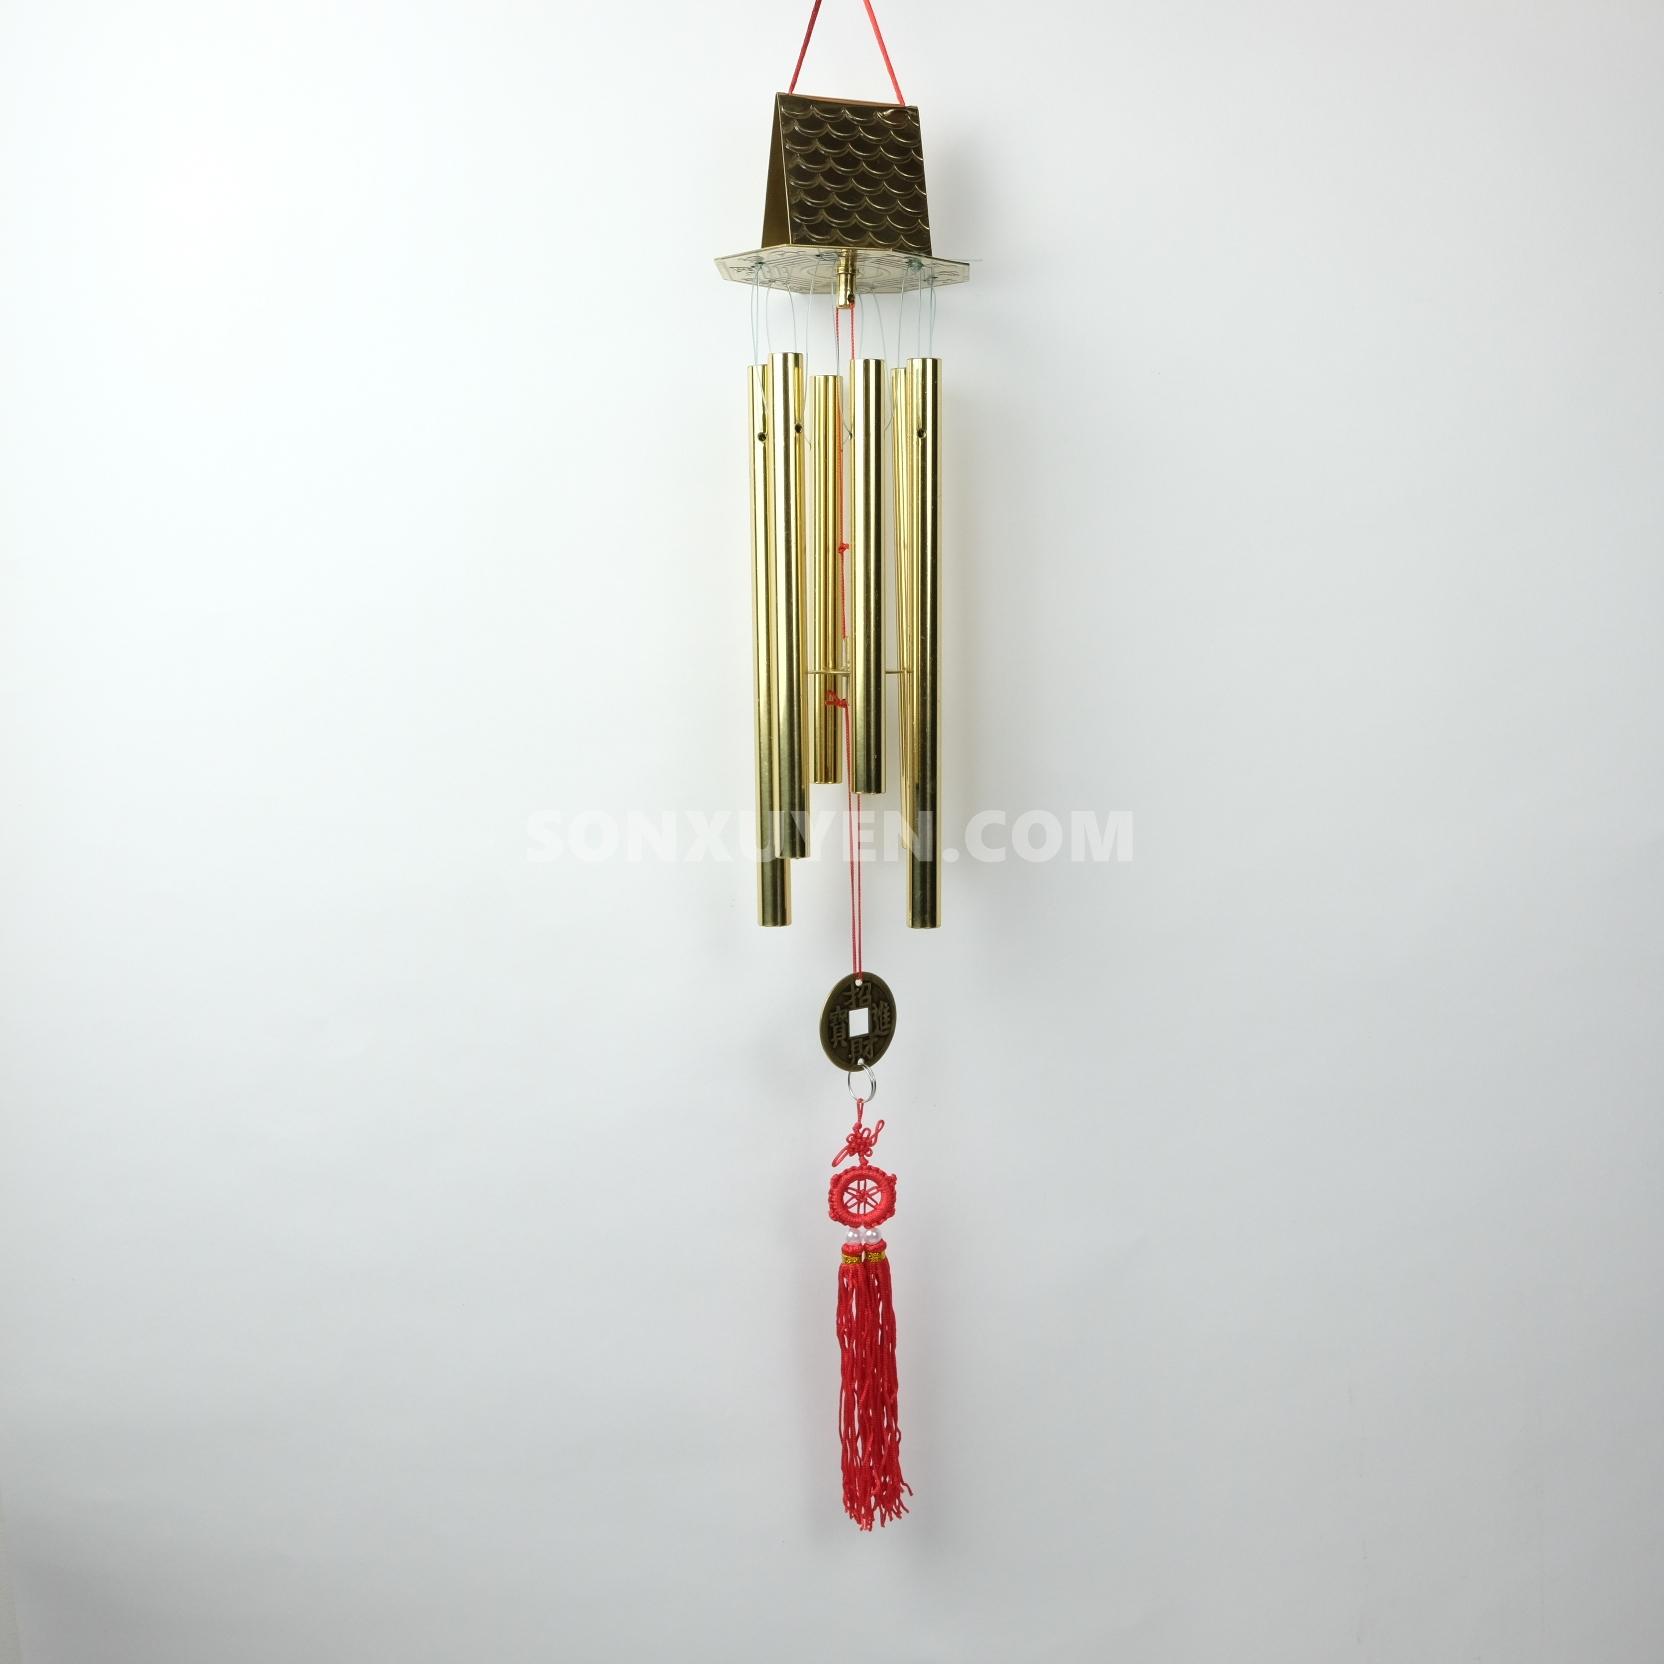 Chuông gió bằng đồng 6 ống có mái có ống dài 22,5 cm đường kính 14 ly